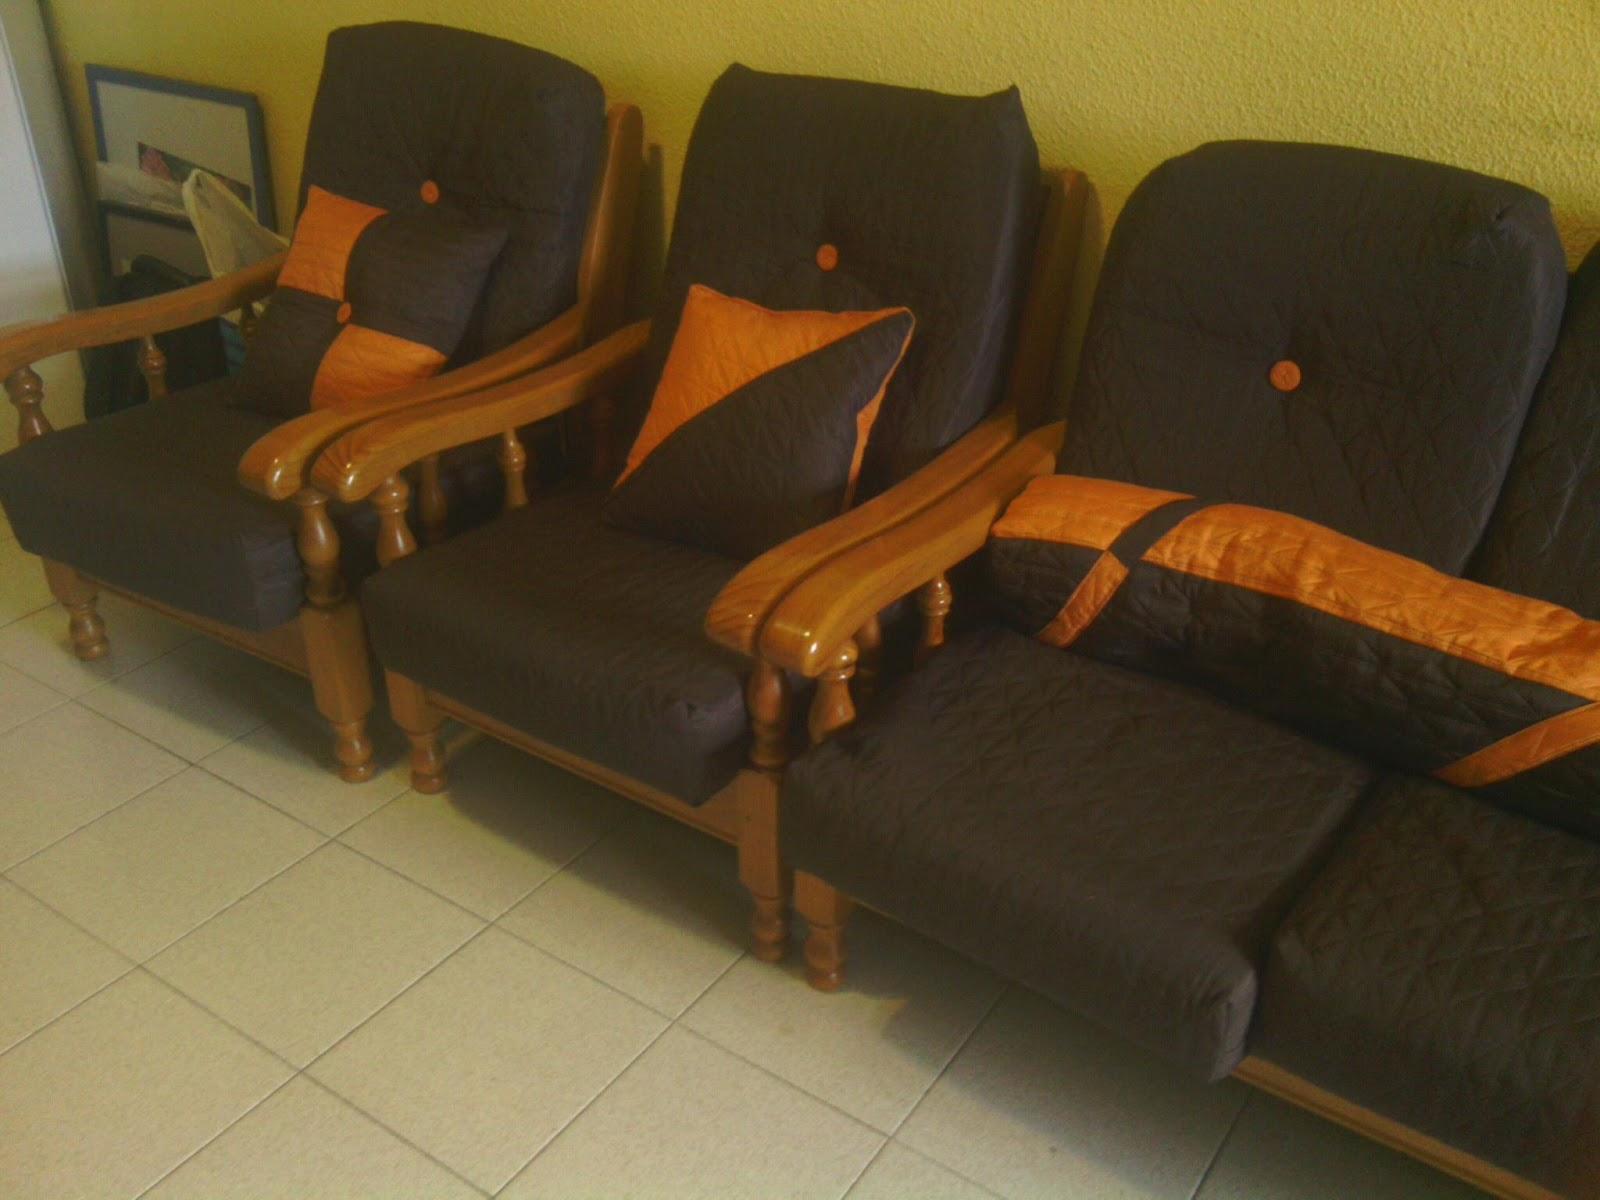 Mis manualidades tapizado de sillones - Tapizado de sillones ...